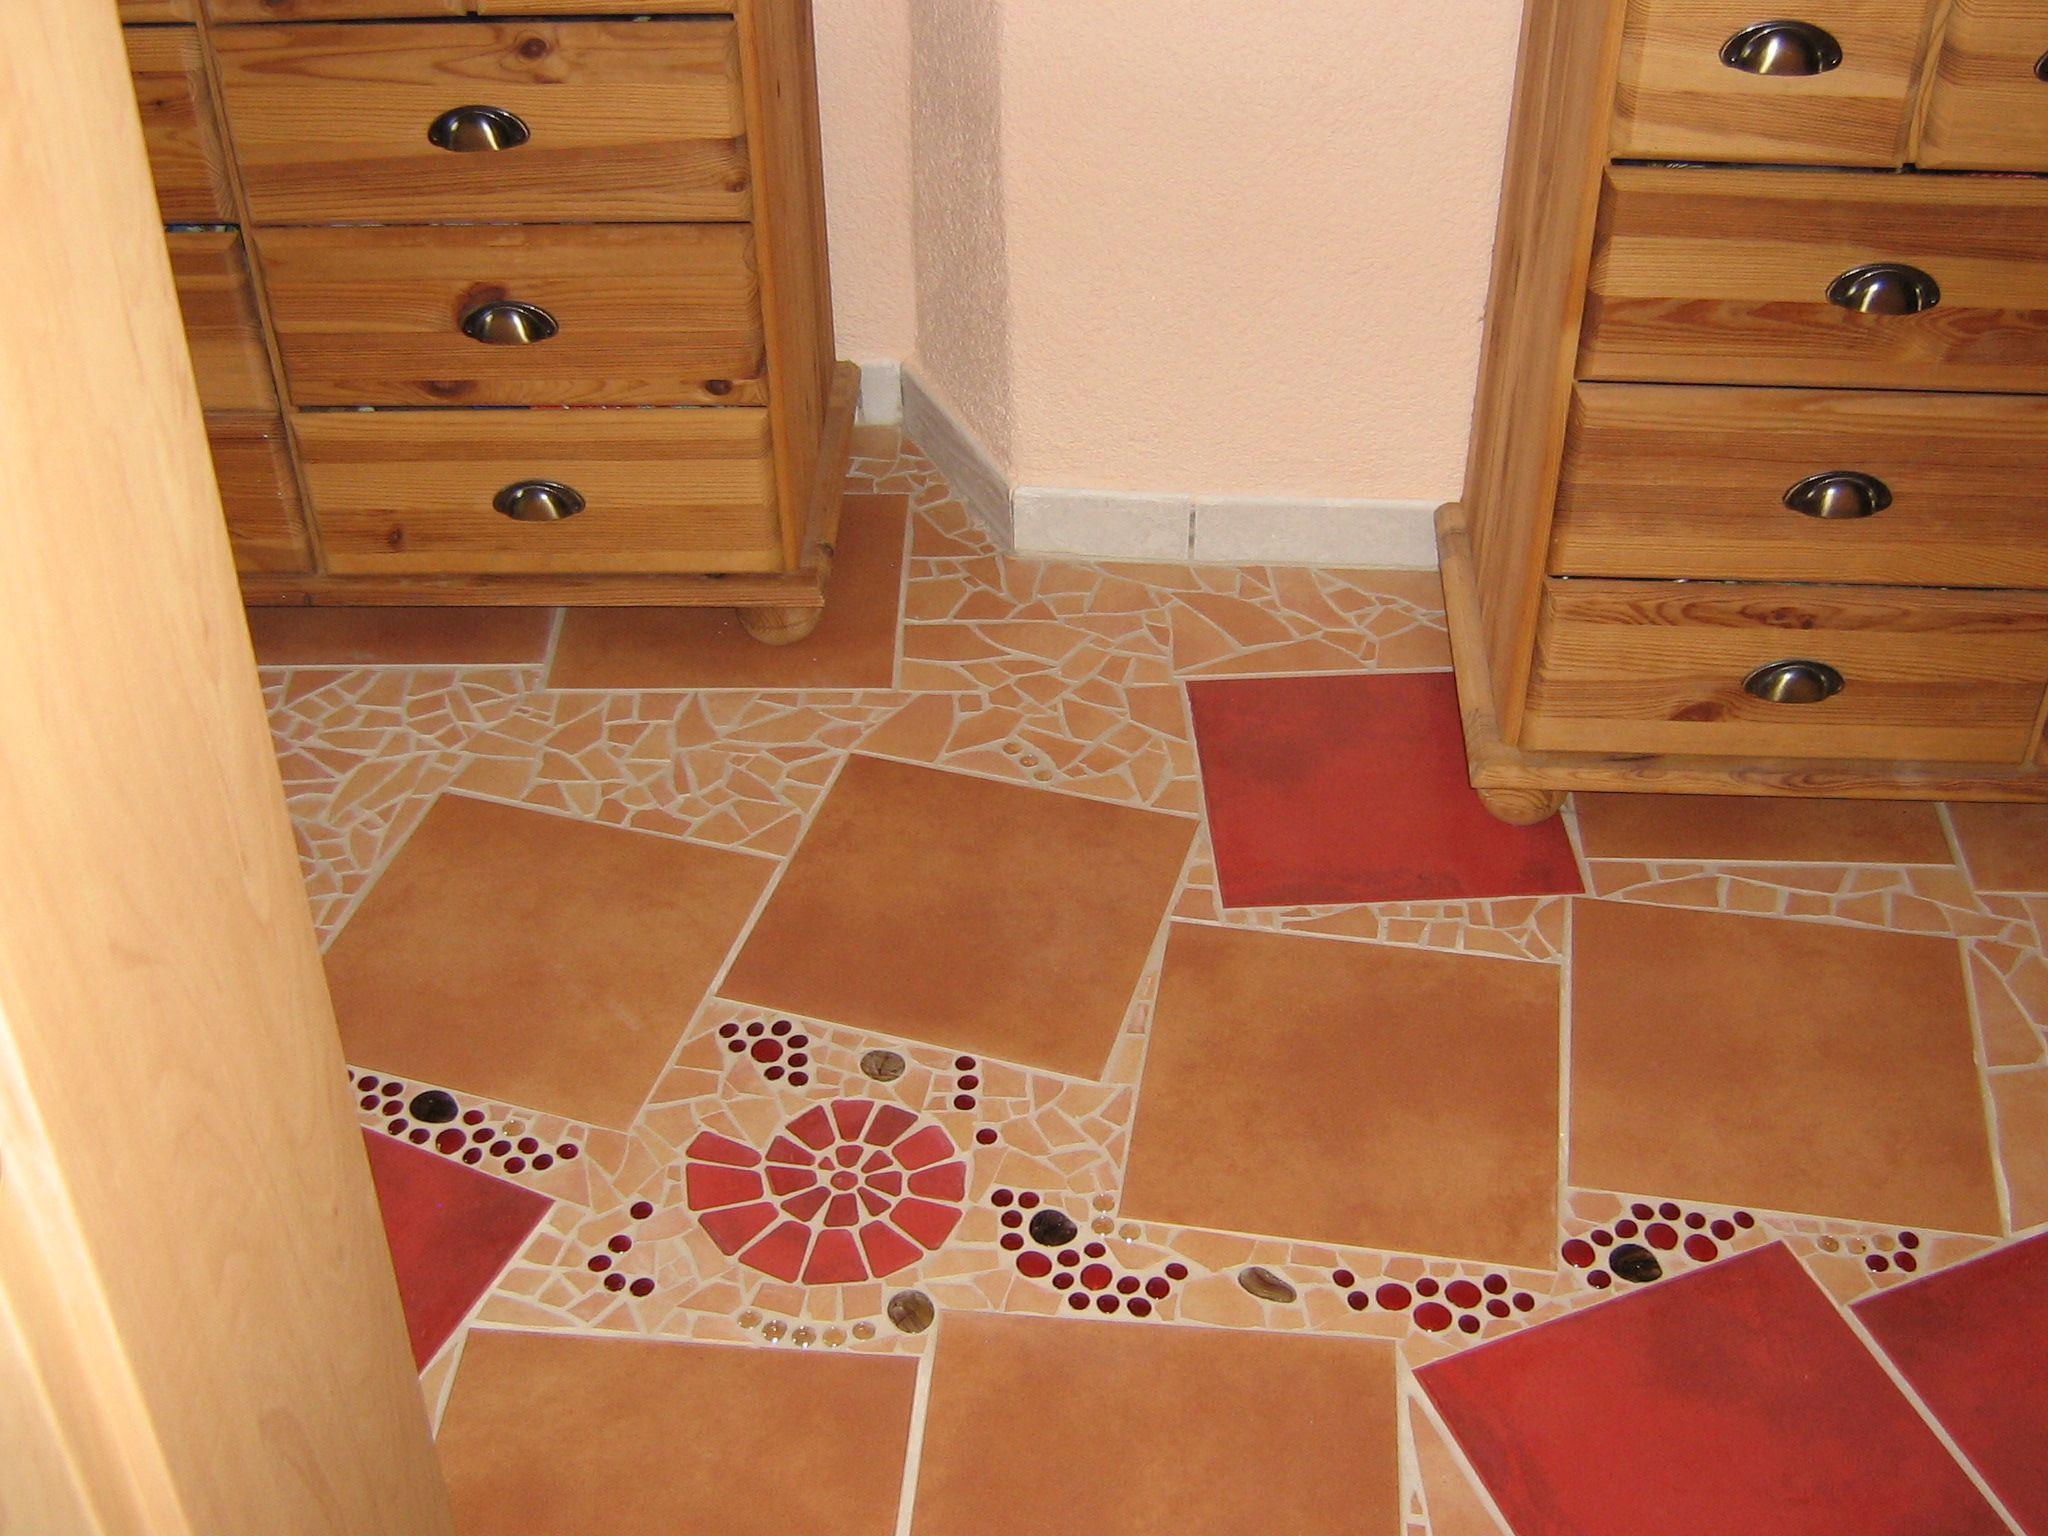 mein flur mit mosaik aus fliesen und glassteinen mosaic pinterest flure mosaik und fliesen. Black Bedroom Furniture Sets. Home Design Ideas